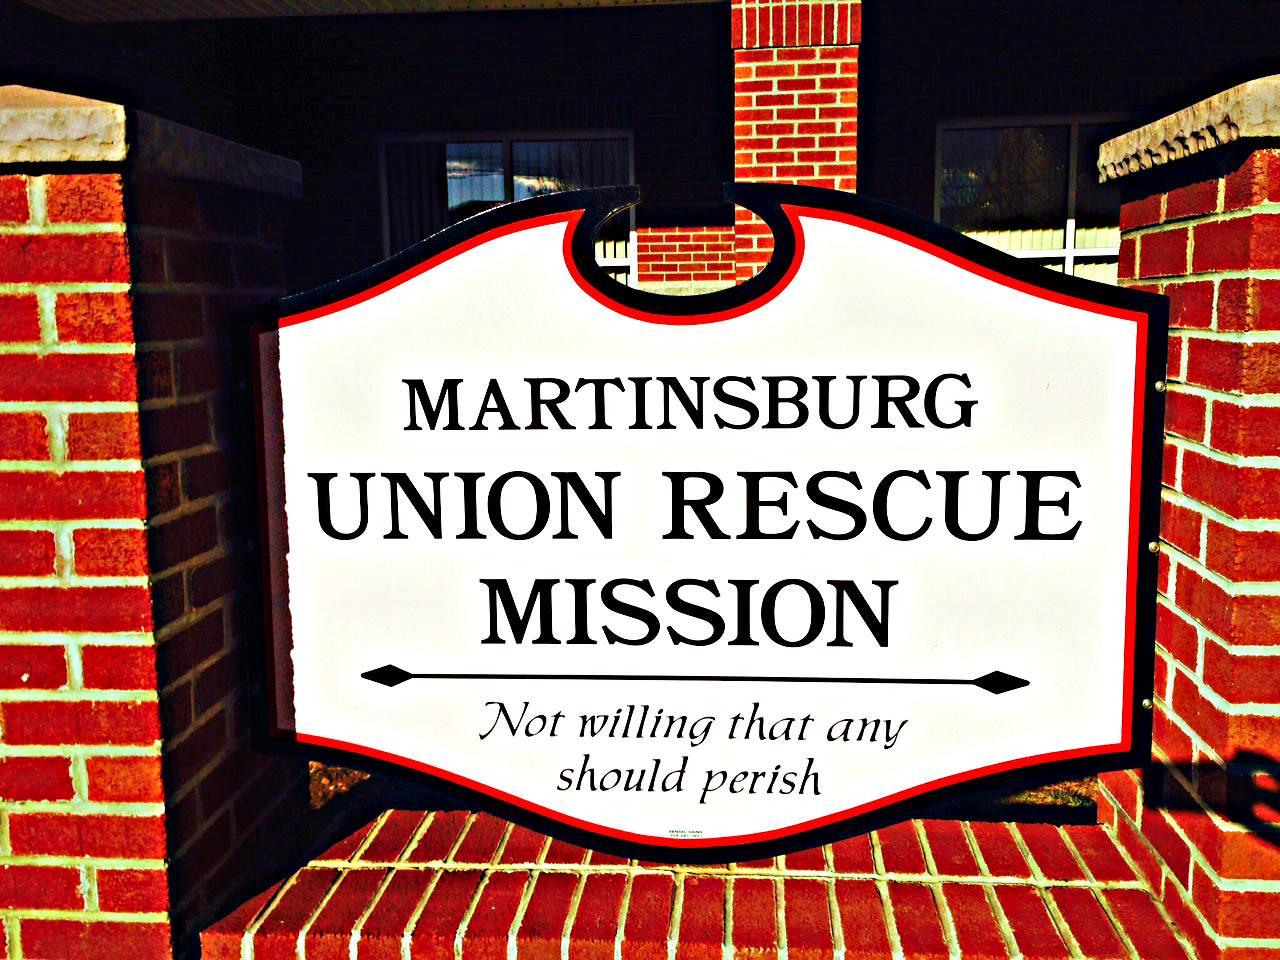 Martinsburg Union Rescue Mission